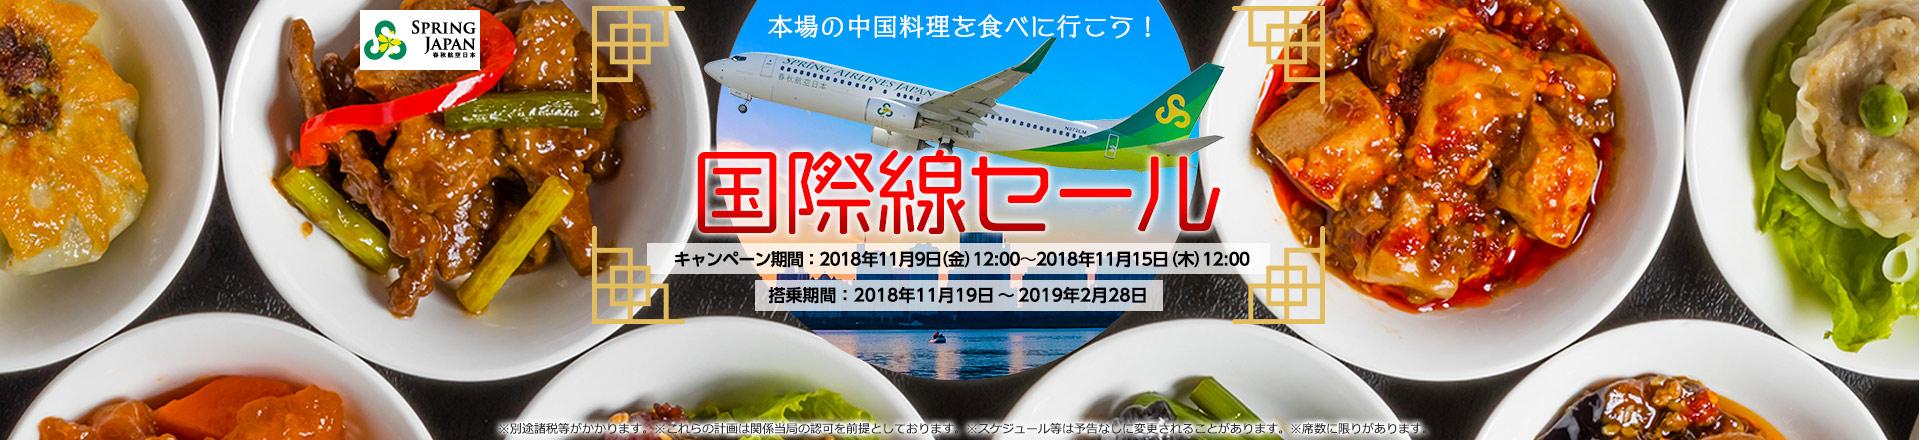 春秋航空日本公式サイト—航空券の検索、航空券の予約、特典チケット